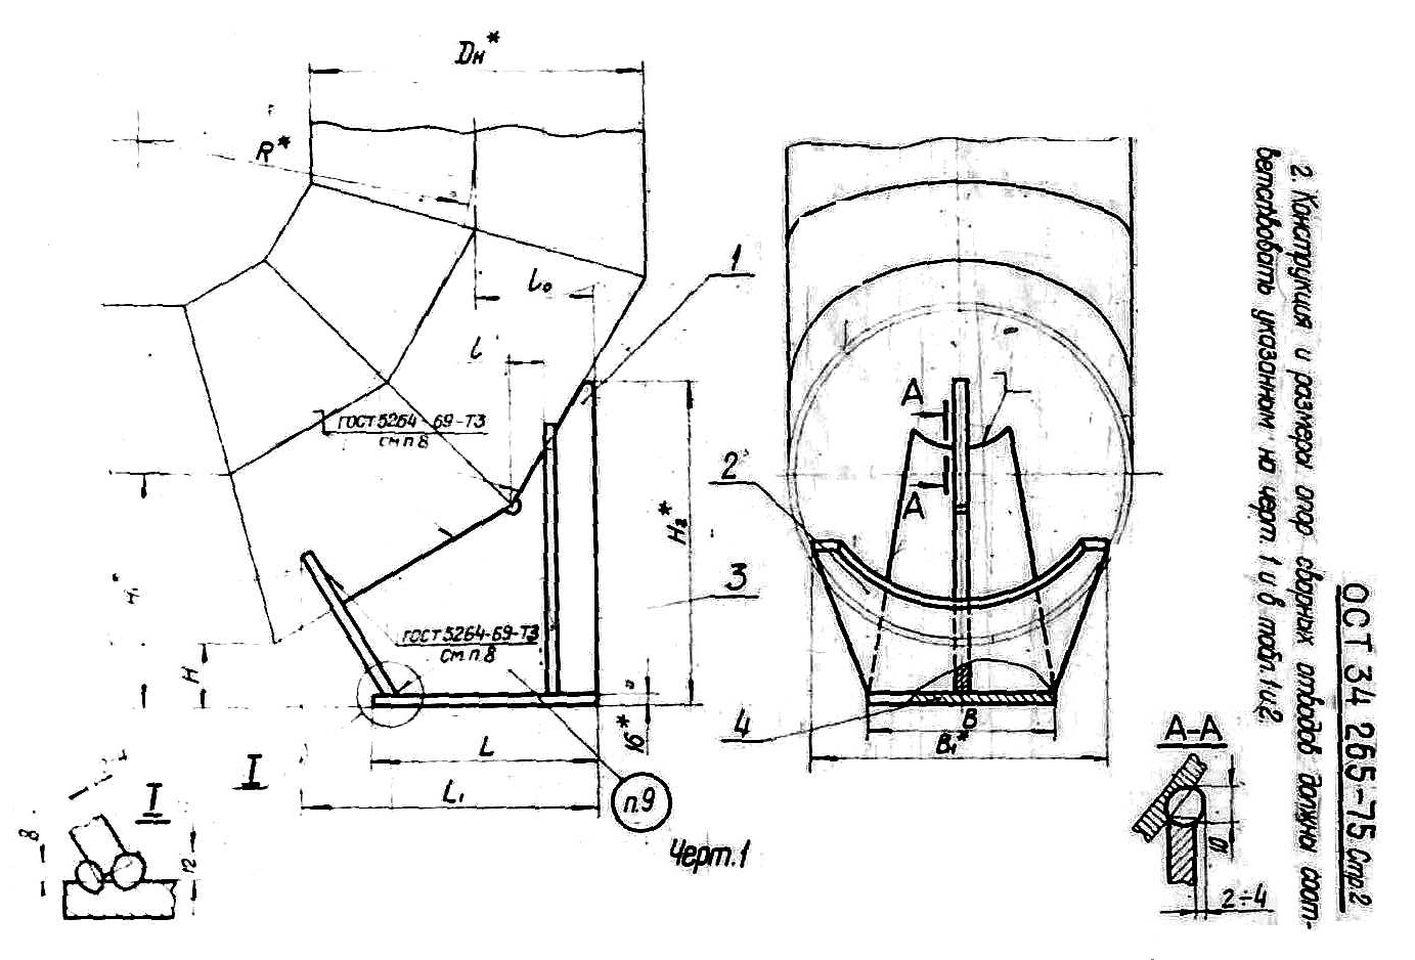 Опоры сварных отводов Дн 720 - 1420 мм ОСТ 34 265-75 стр.2